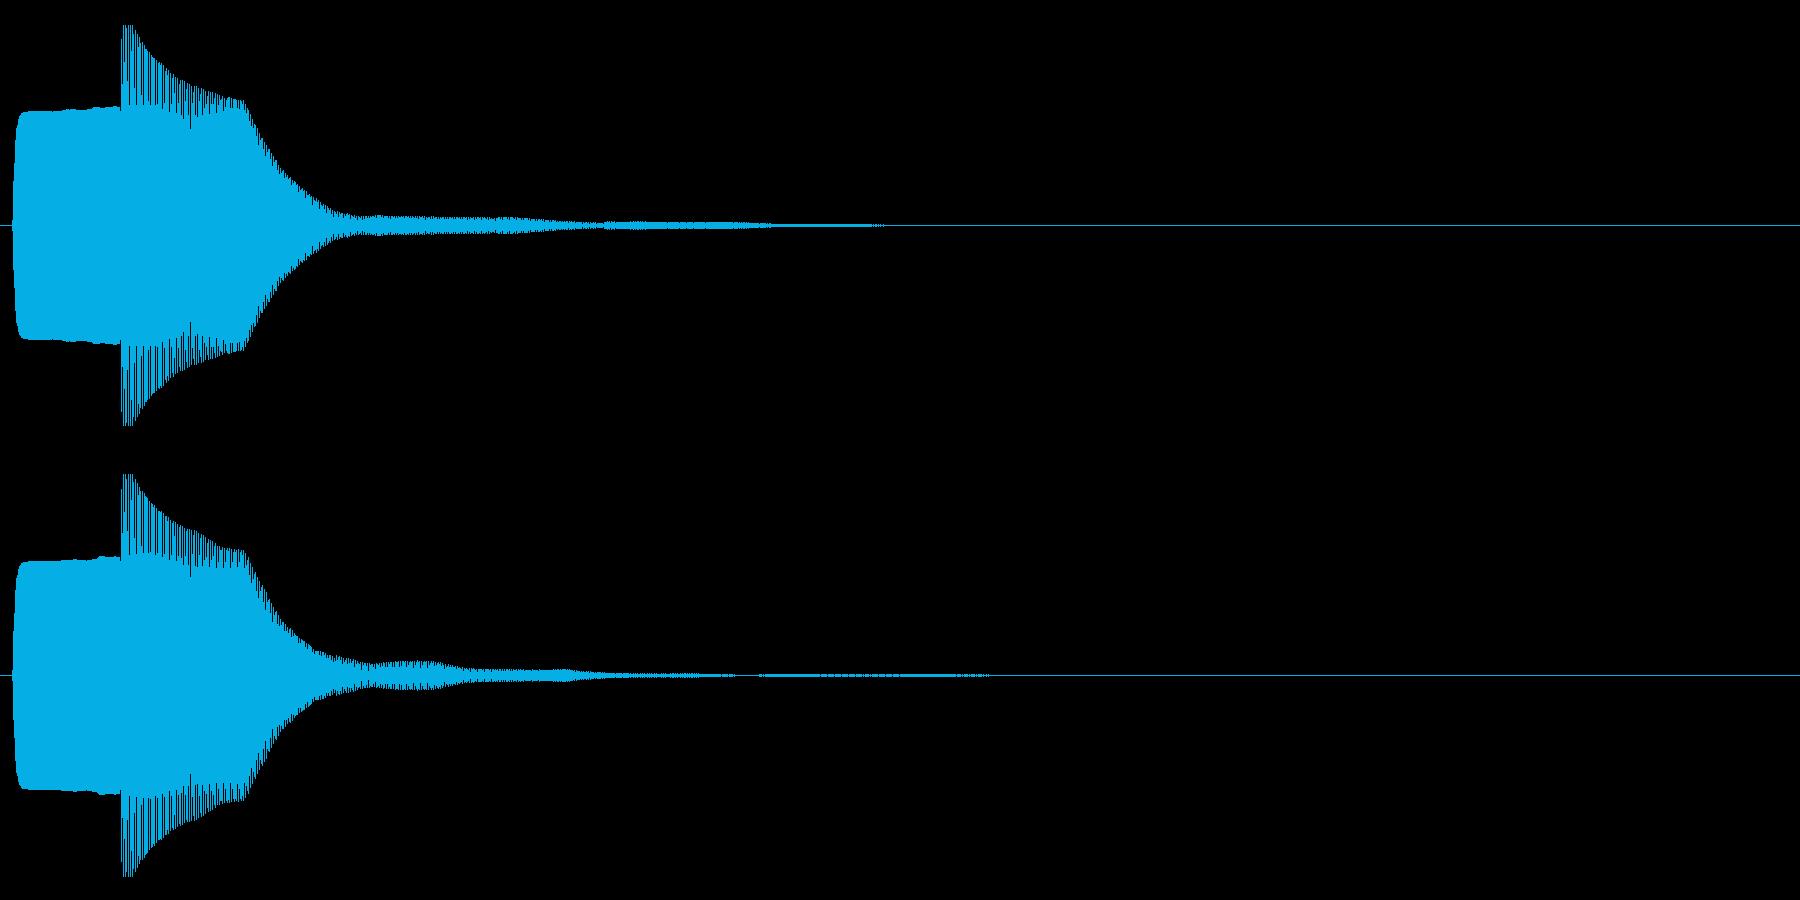 ピコン(起動,通知,タップ,決定)_05の再生済みの波形